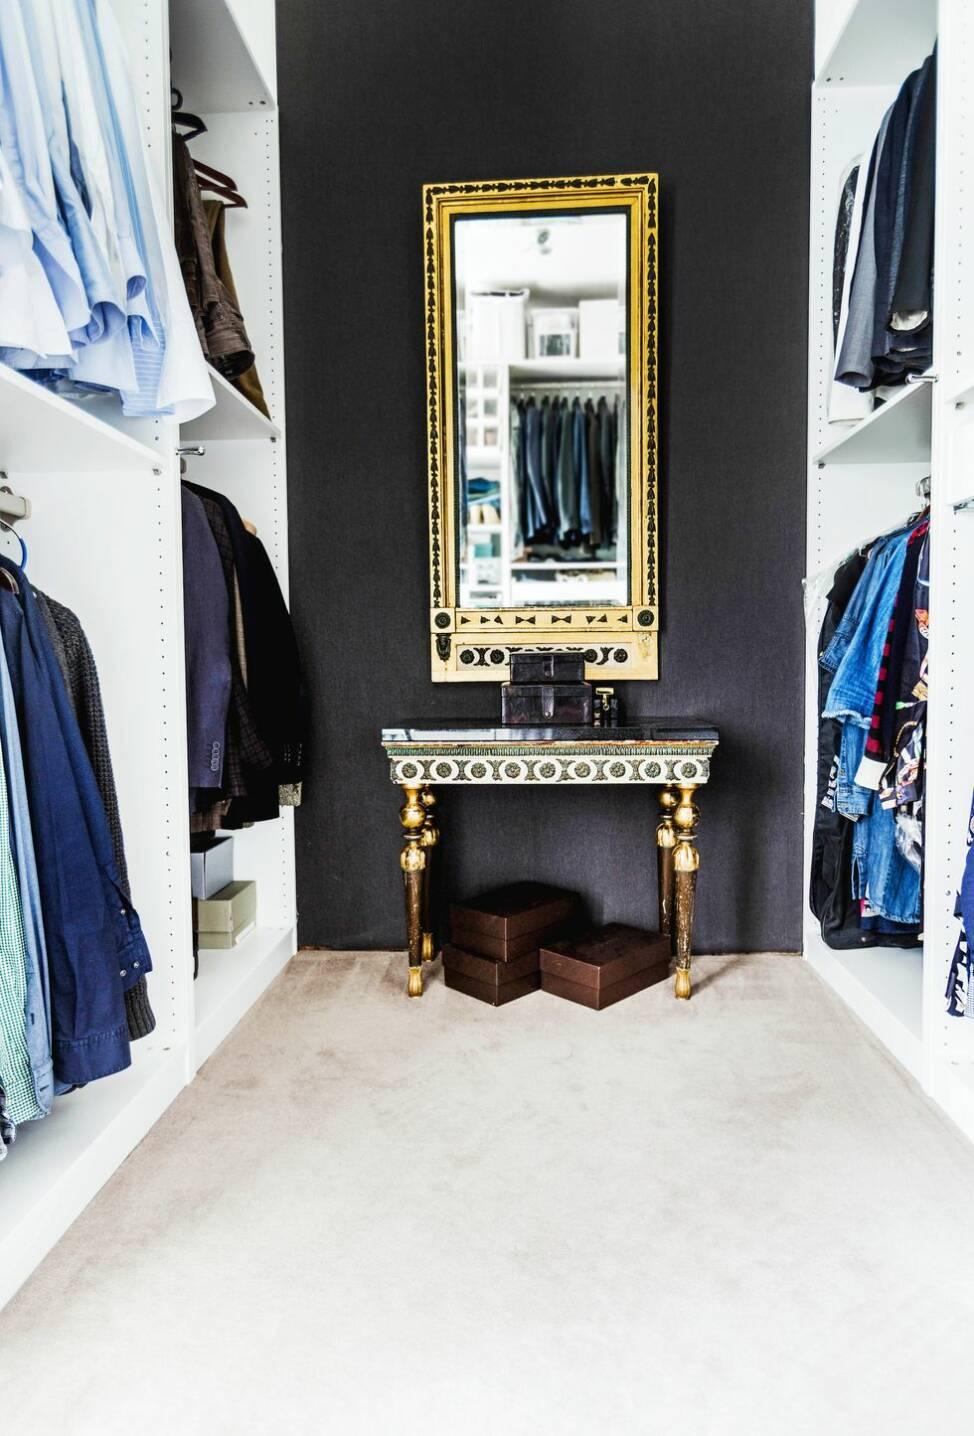 Kika in i modedesignerns underbara våning